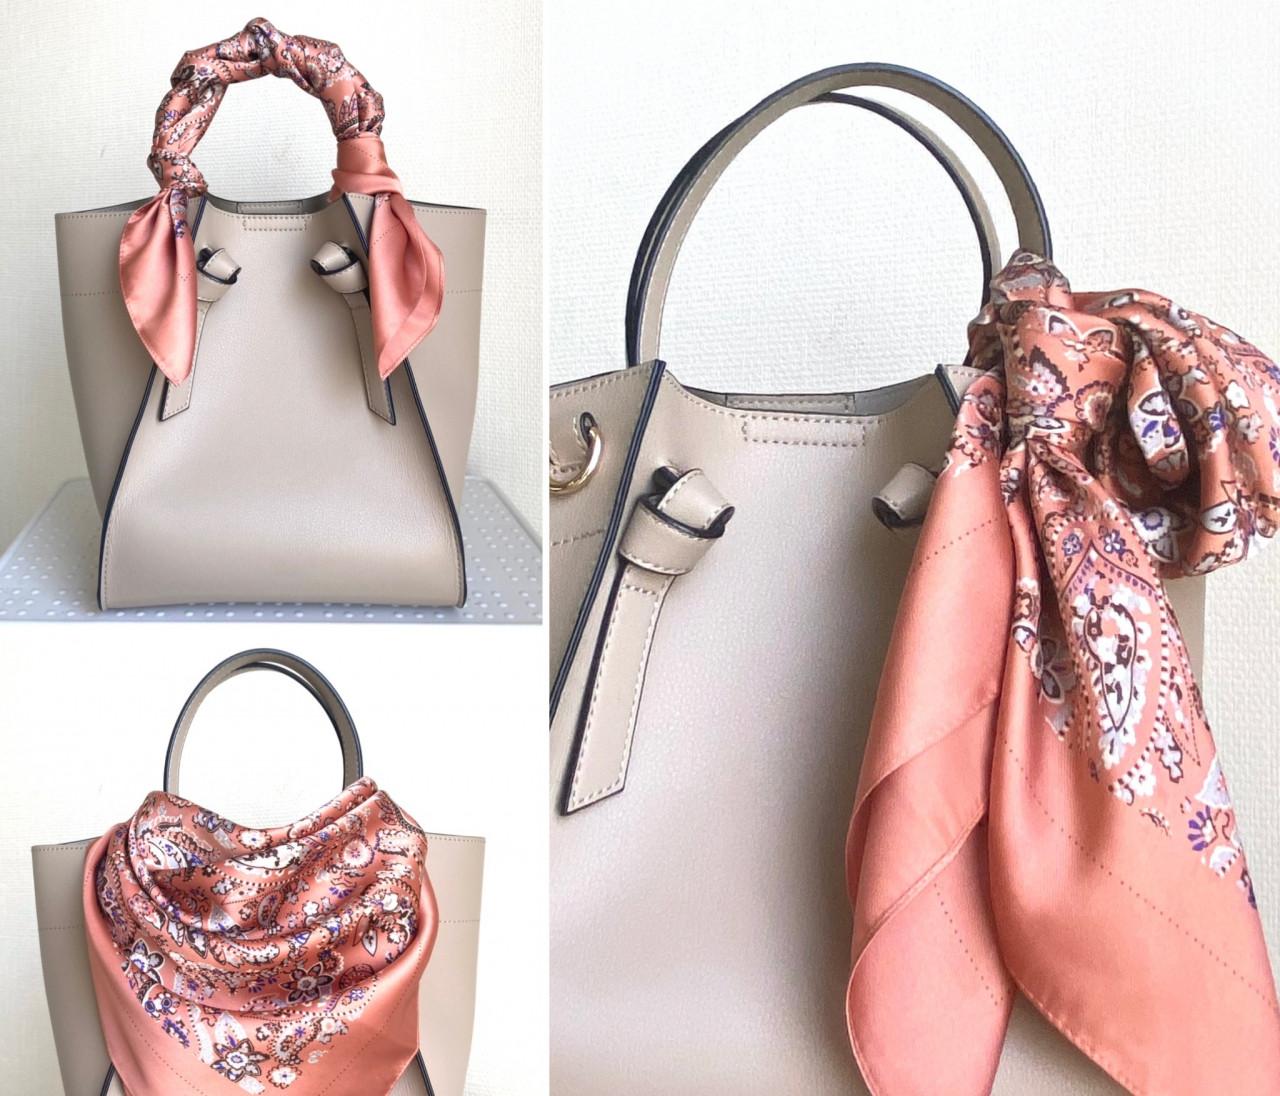 【ユニクロ小物アレンジ】スカーフをバッグに結ぶ方法3選